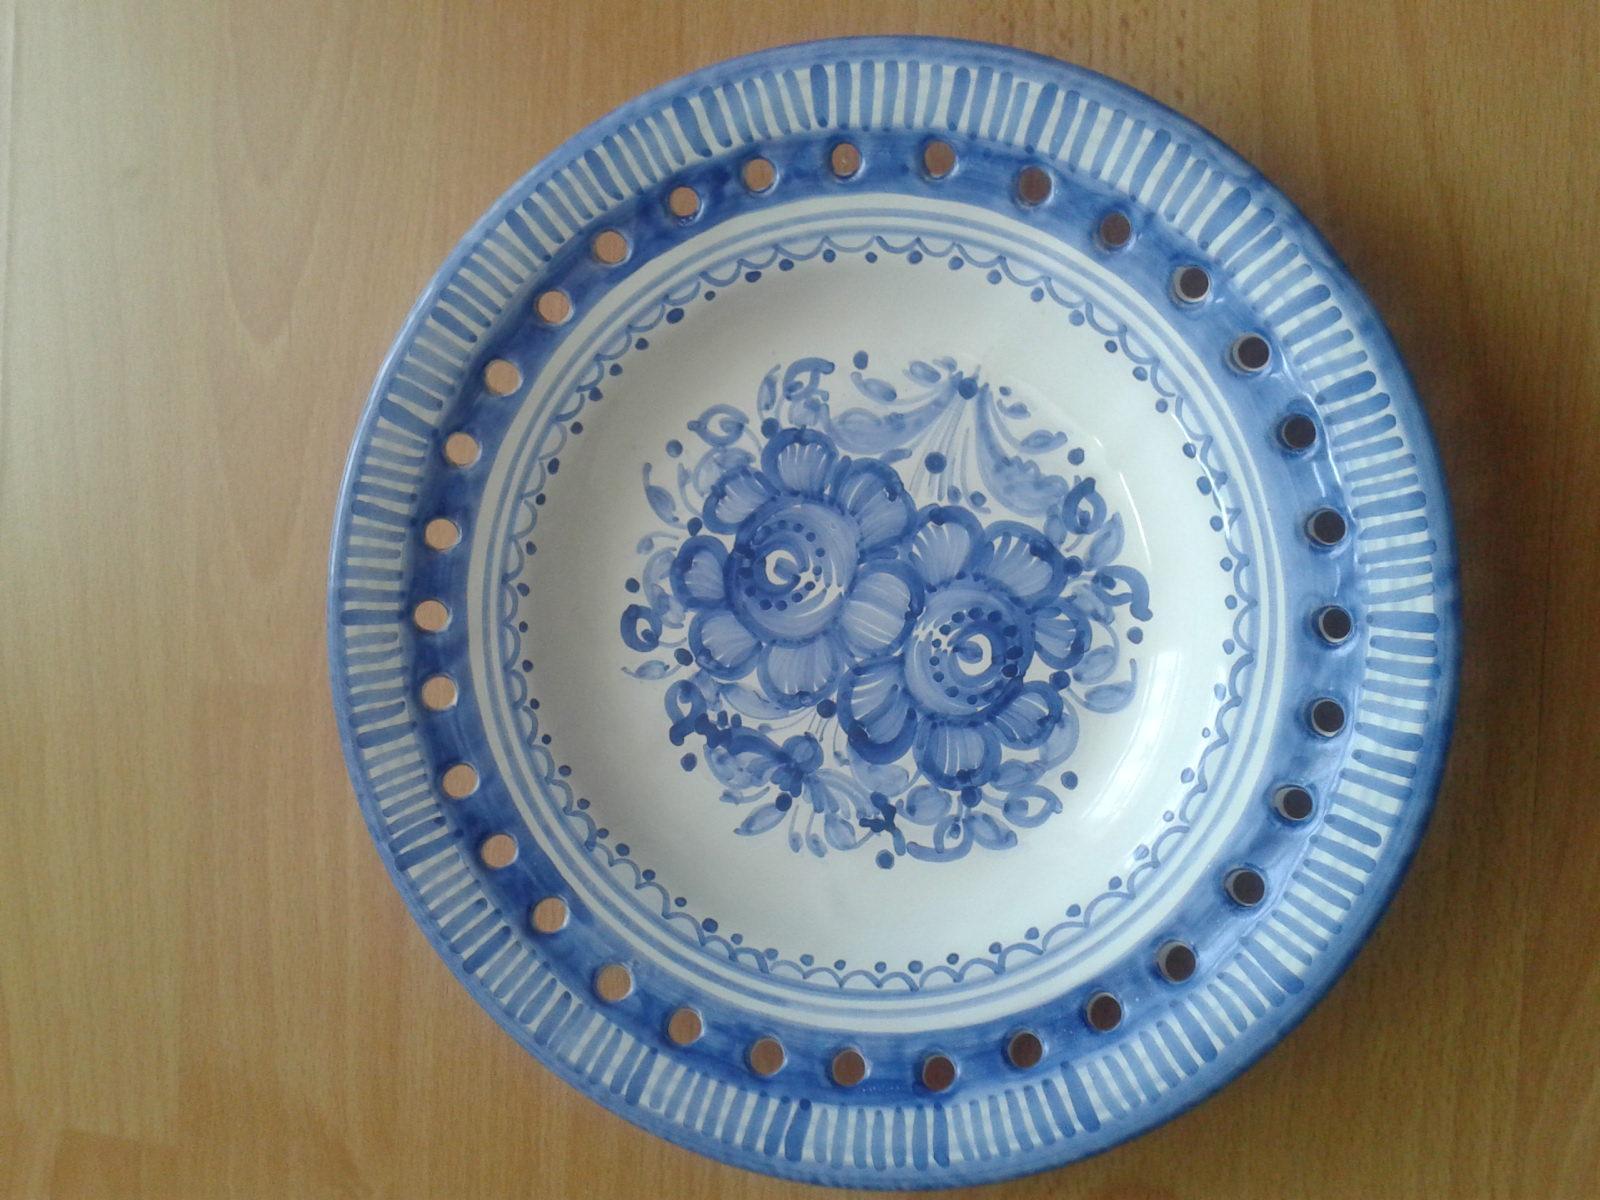 modranska keramika - Obrázok č. 1